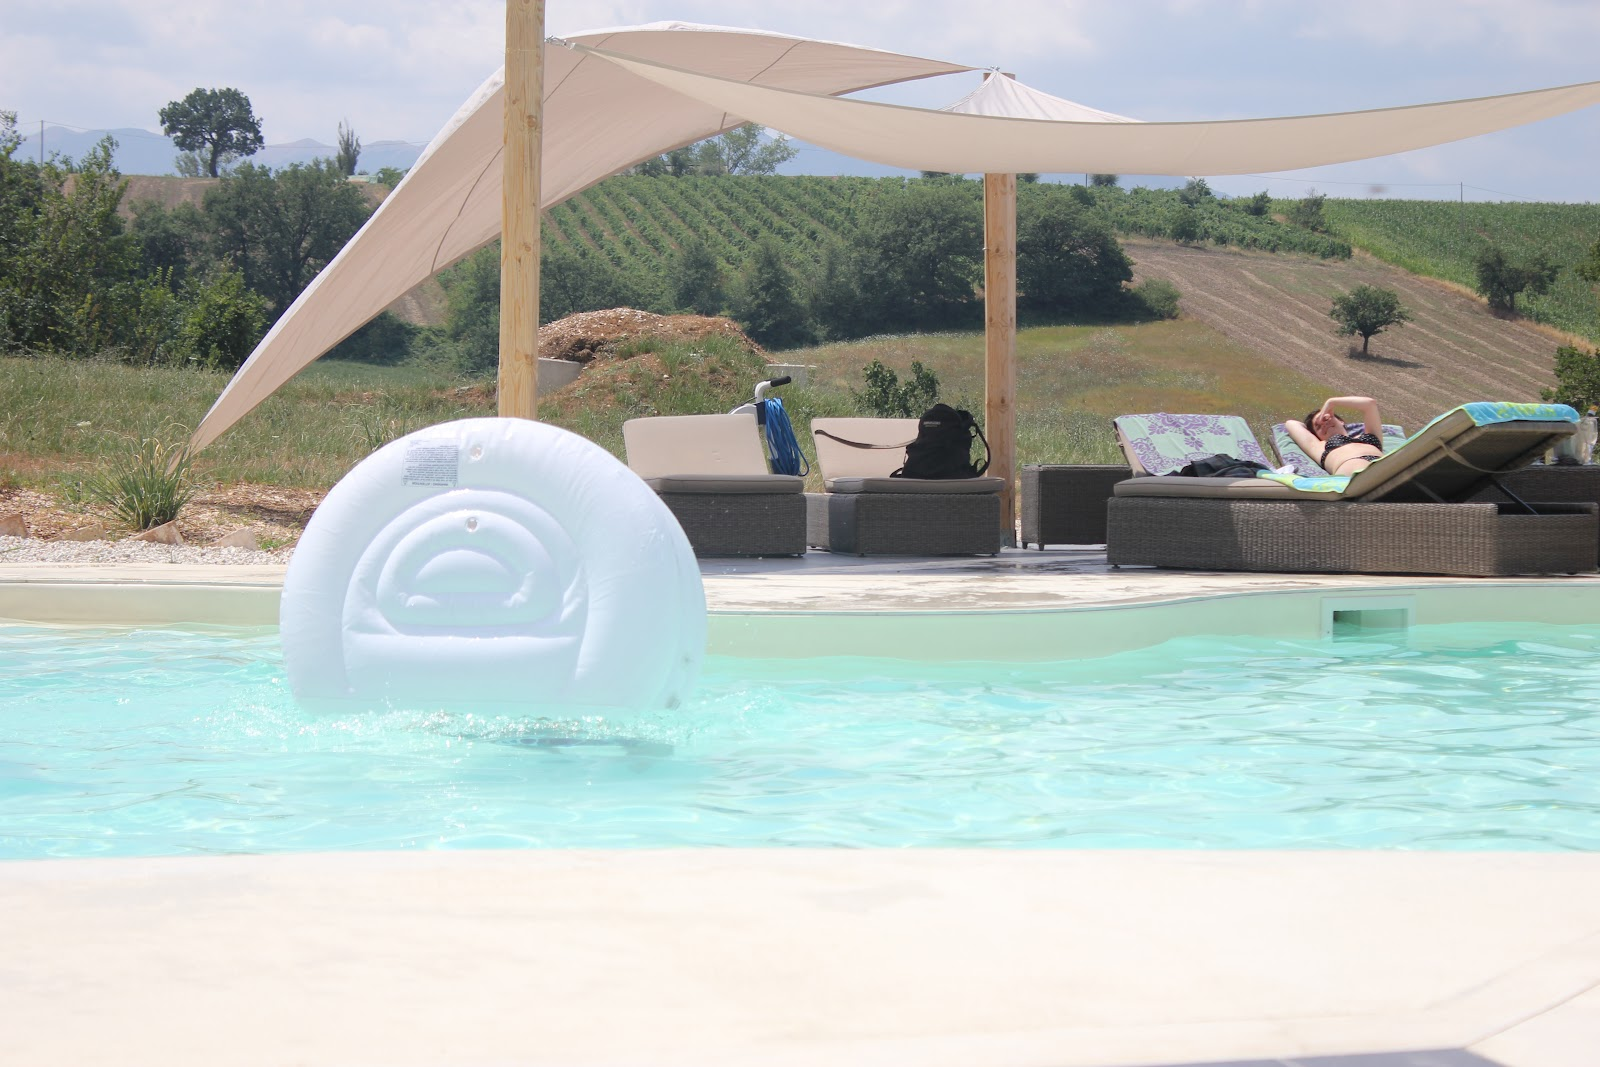 Alumni casa grimaldi juli 2012 - Italiaanse douche mosai dat ...